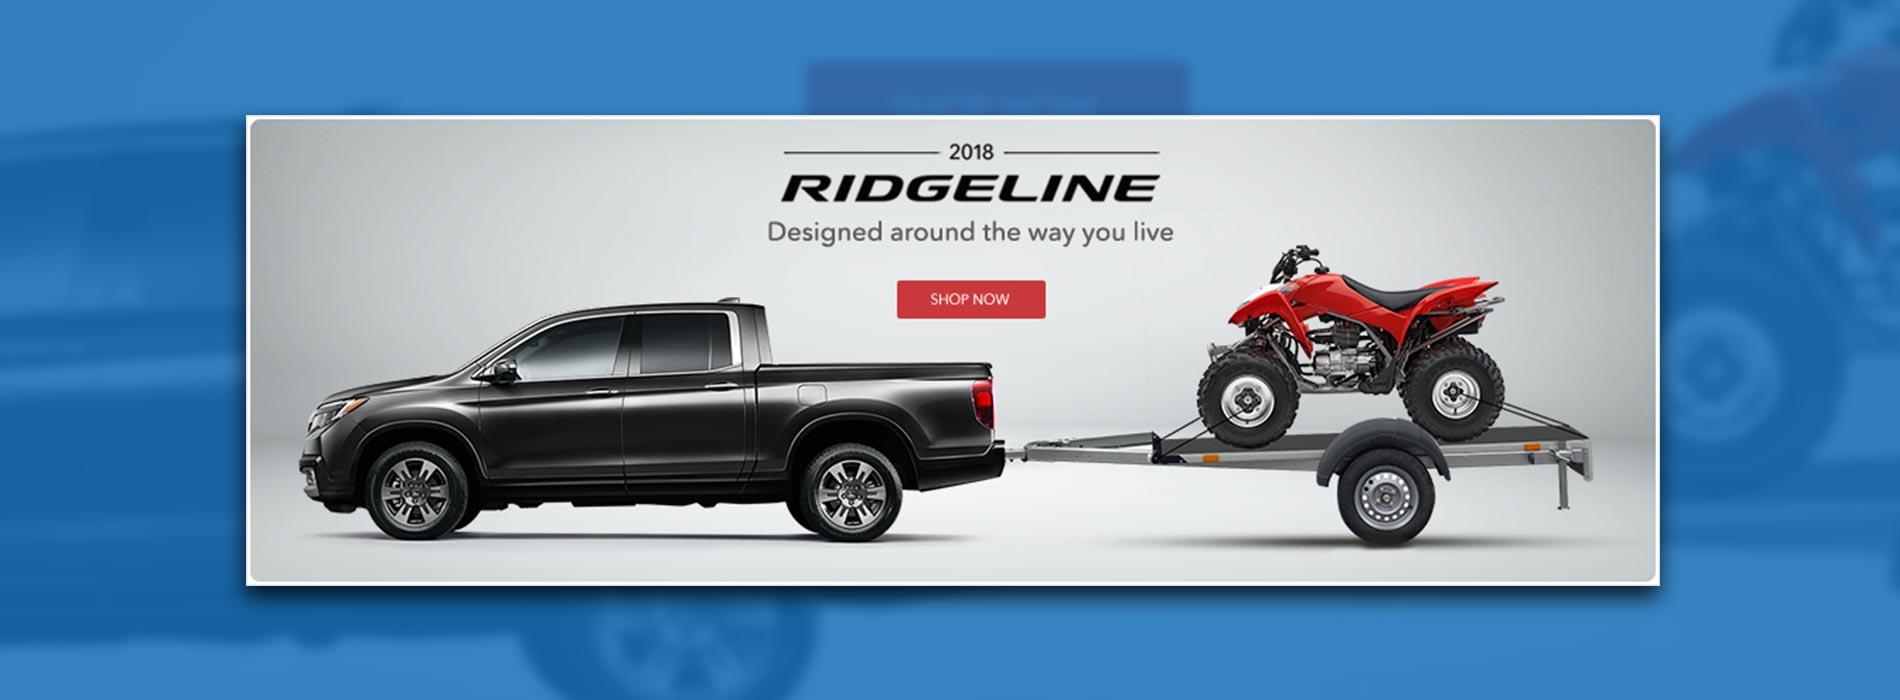 ridgeline2018